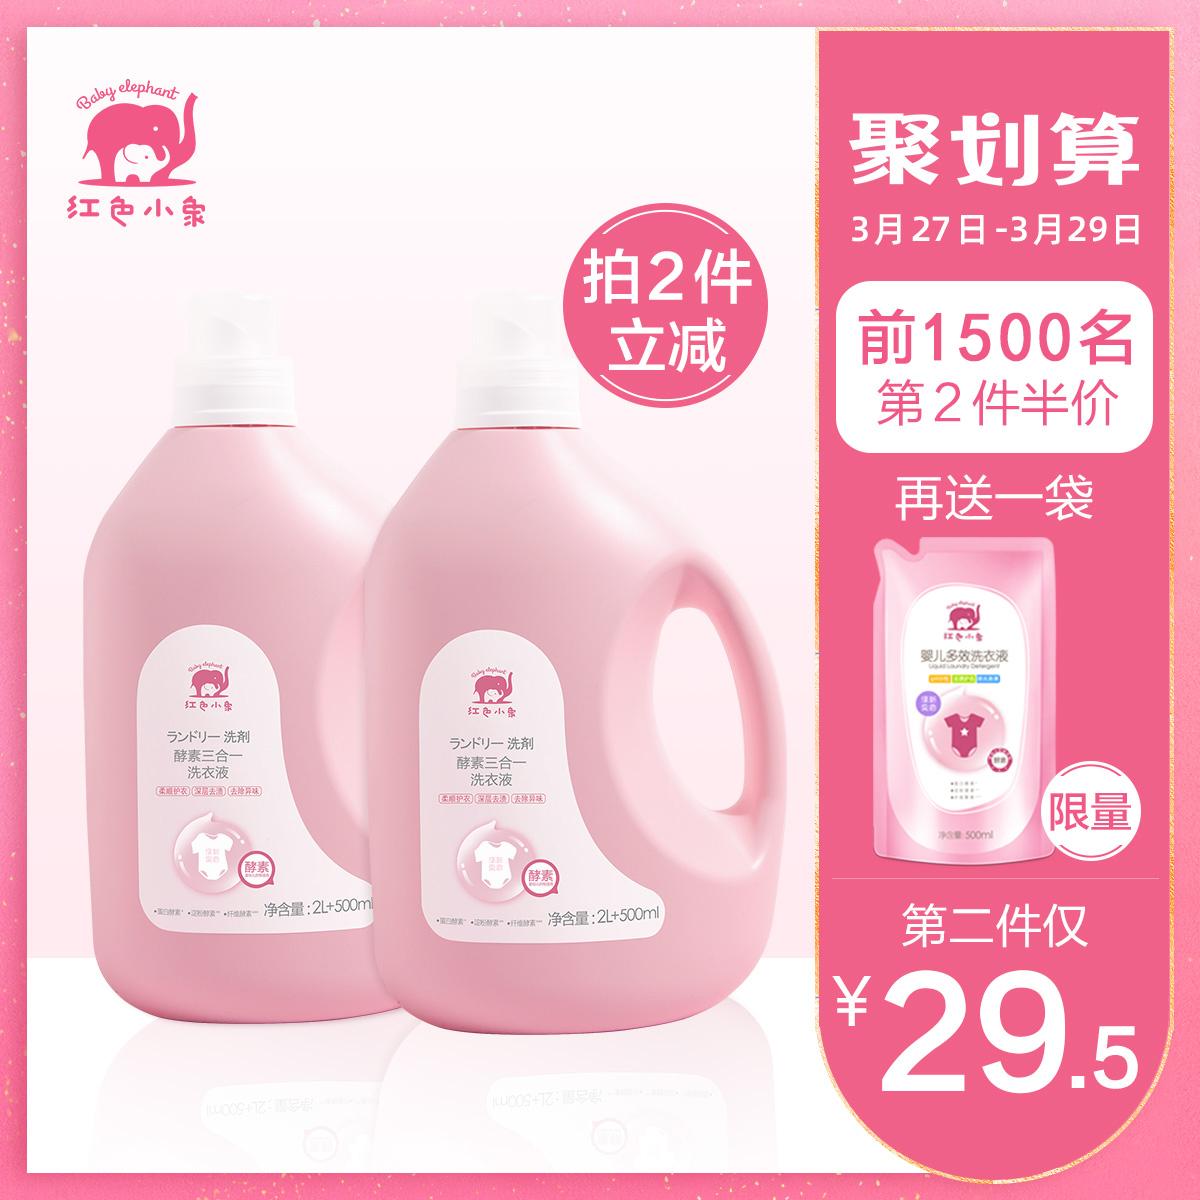 红色小象酵素清洁2.5 l天然洗衣液